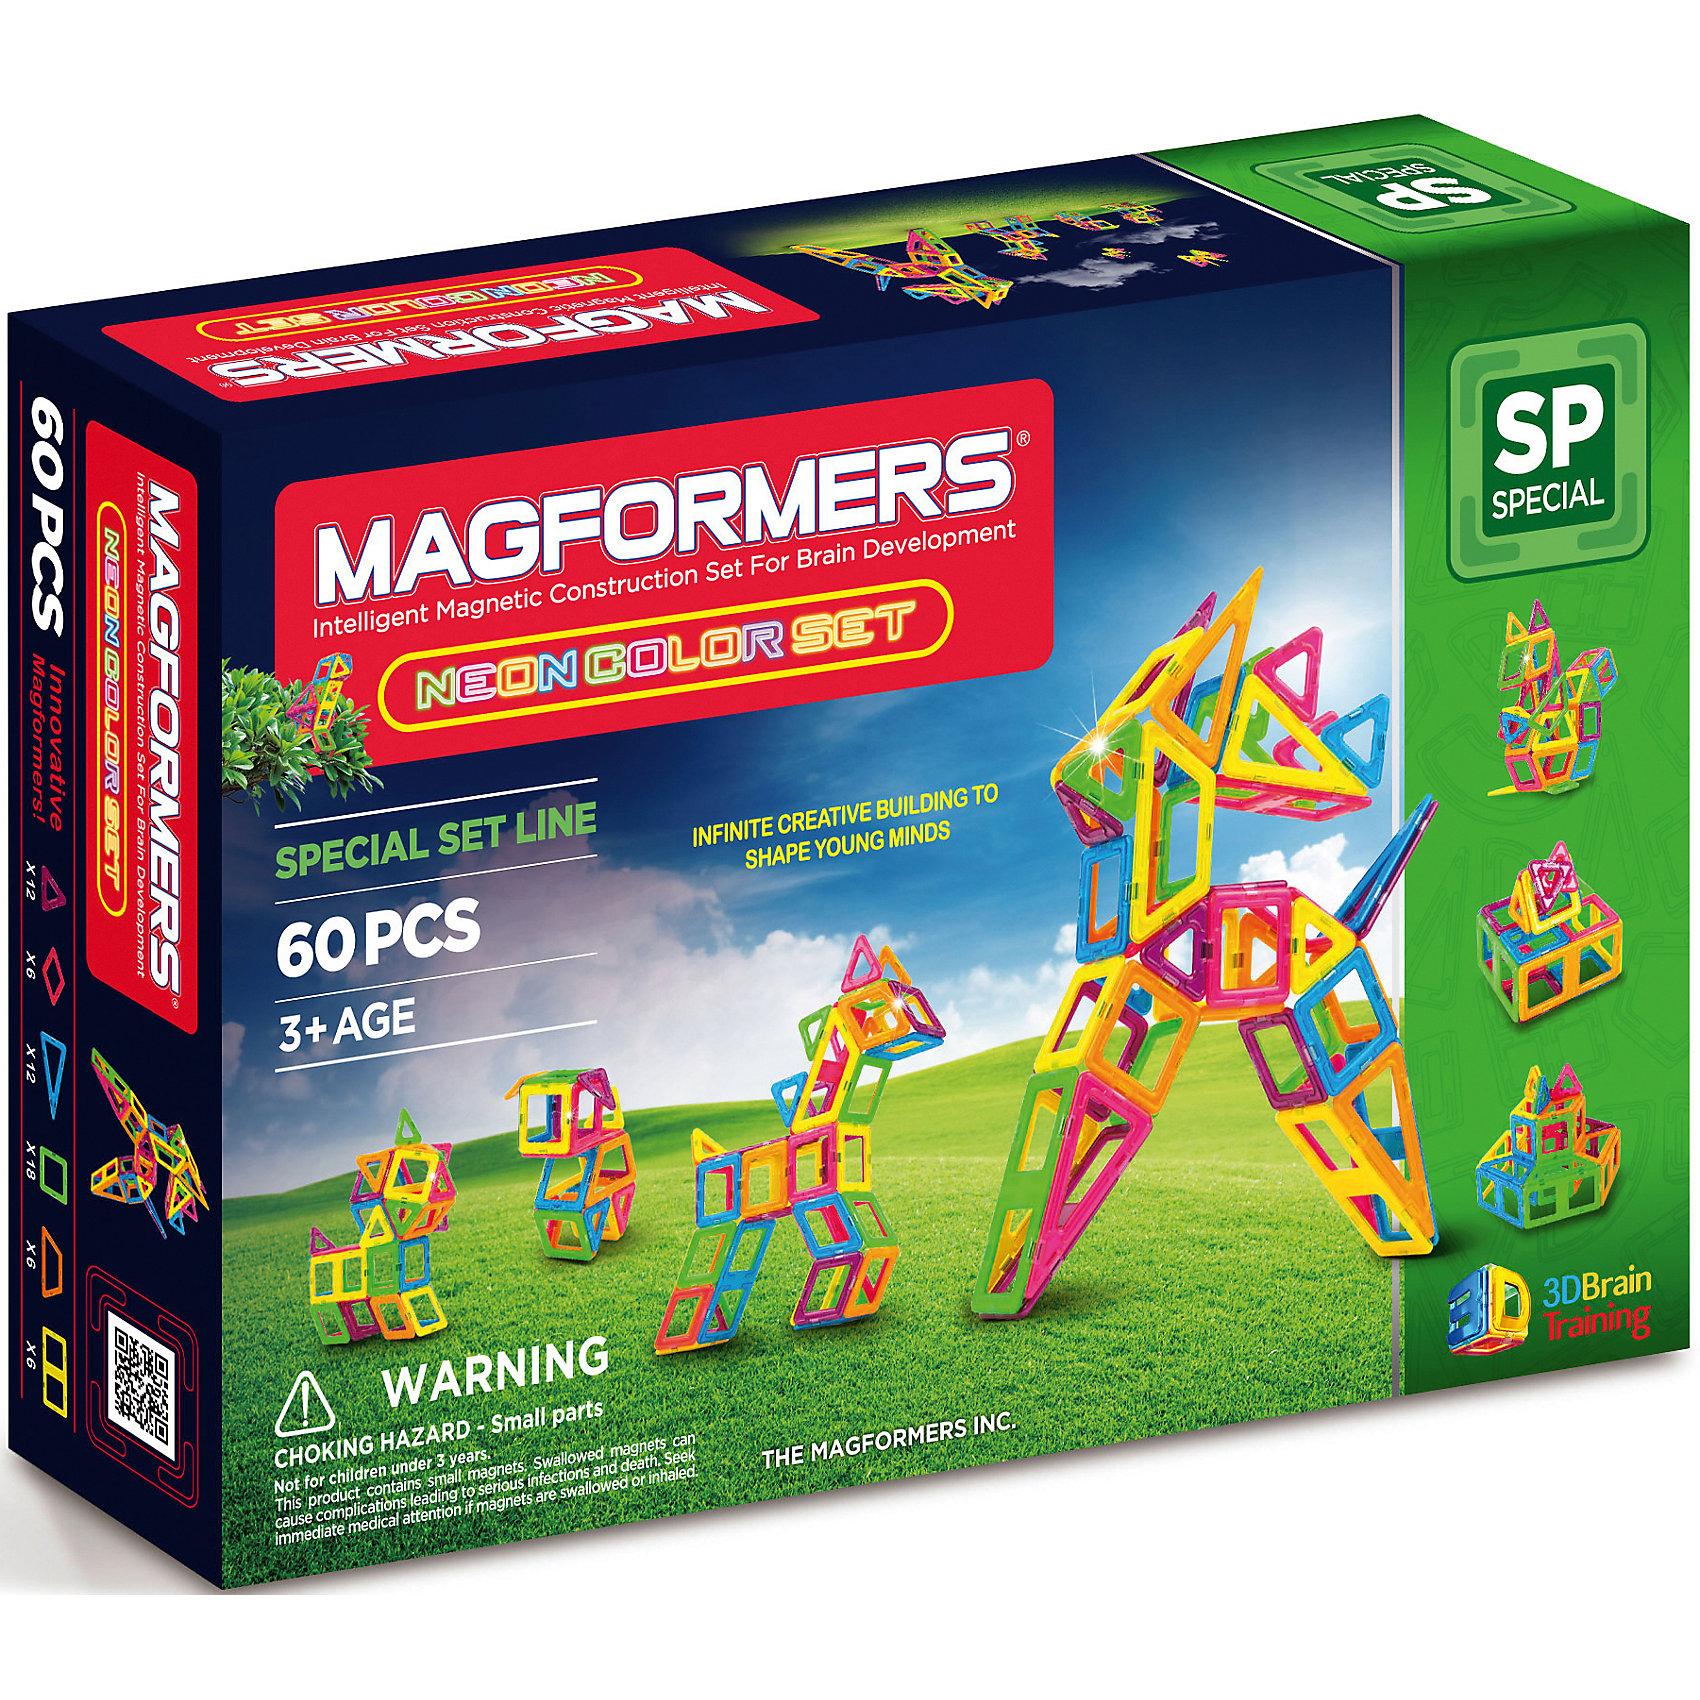 Магнитный конструктор Neon color set 60, MAGFORMERSЯркий цвет нового примечательного конструктора от Magformers привлечет внимание любого малыша! <br>Пластиковые элементы в количестве 60 штук могут использоваться совместно с деталями из аналогичного набора. Магформерс Неон Колор Сет 60 особенный и запоминающийся. <br>Он станет игрушкой номер один в коллекции вашего ребенка. <br><br>Дополнительная информация:<br><br>- Количество деталей: 60 шт. <br>- 12 треугольников; <br>- 18 квадратов; <br>- 6 ромбов; <br>- 6 трапеций; <br>- 6 прямоугольников; <br>- 12 равнобедренных треугольников. <br>- Возраст: от 3 лет <br>- Материал: высококачественный пластик <br>- Размер упаковки: 40х30х10 см <br>- Вес в упаковке: 0.91 кг <br><br>Купить магнитный конструктор Neon color set 60 MAGFORMERS   можно в нашем магазине.<br><br>Ширина мм: 390<br>Глубина мм: 260<br>Высота мм: 85<br>Вес г: 1250<br>Возраст от месяцев: 36<br>Возраст до месяцев: 192<br>Пол: Унисекс<br>Возраст: Детский<br>SKU: 4730847